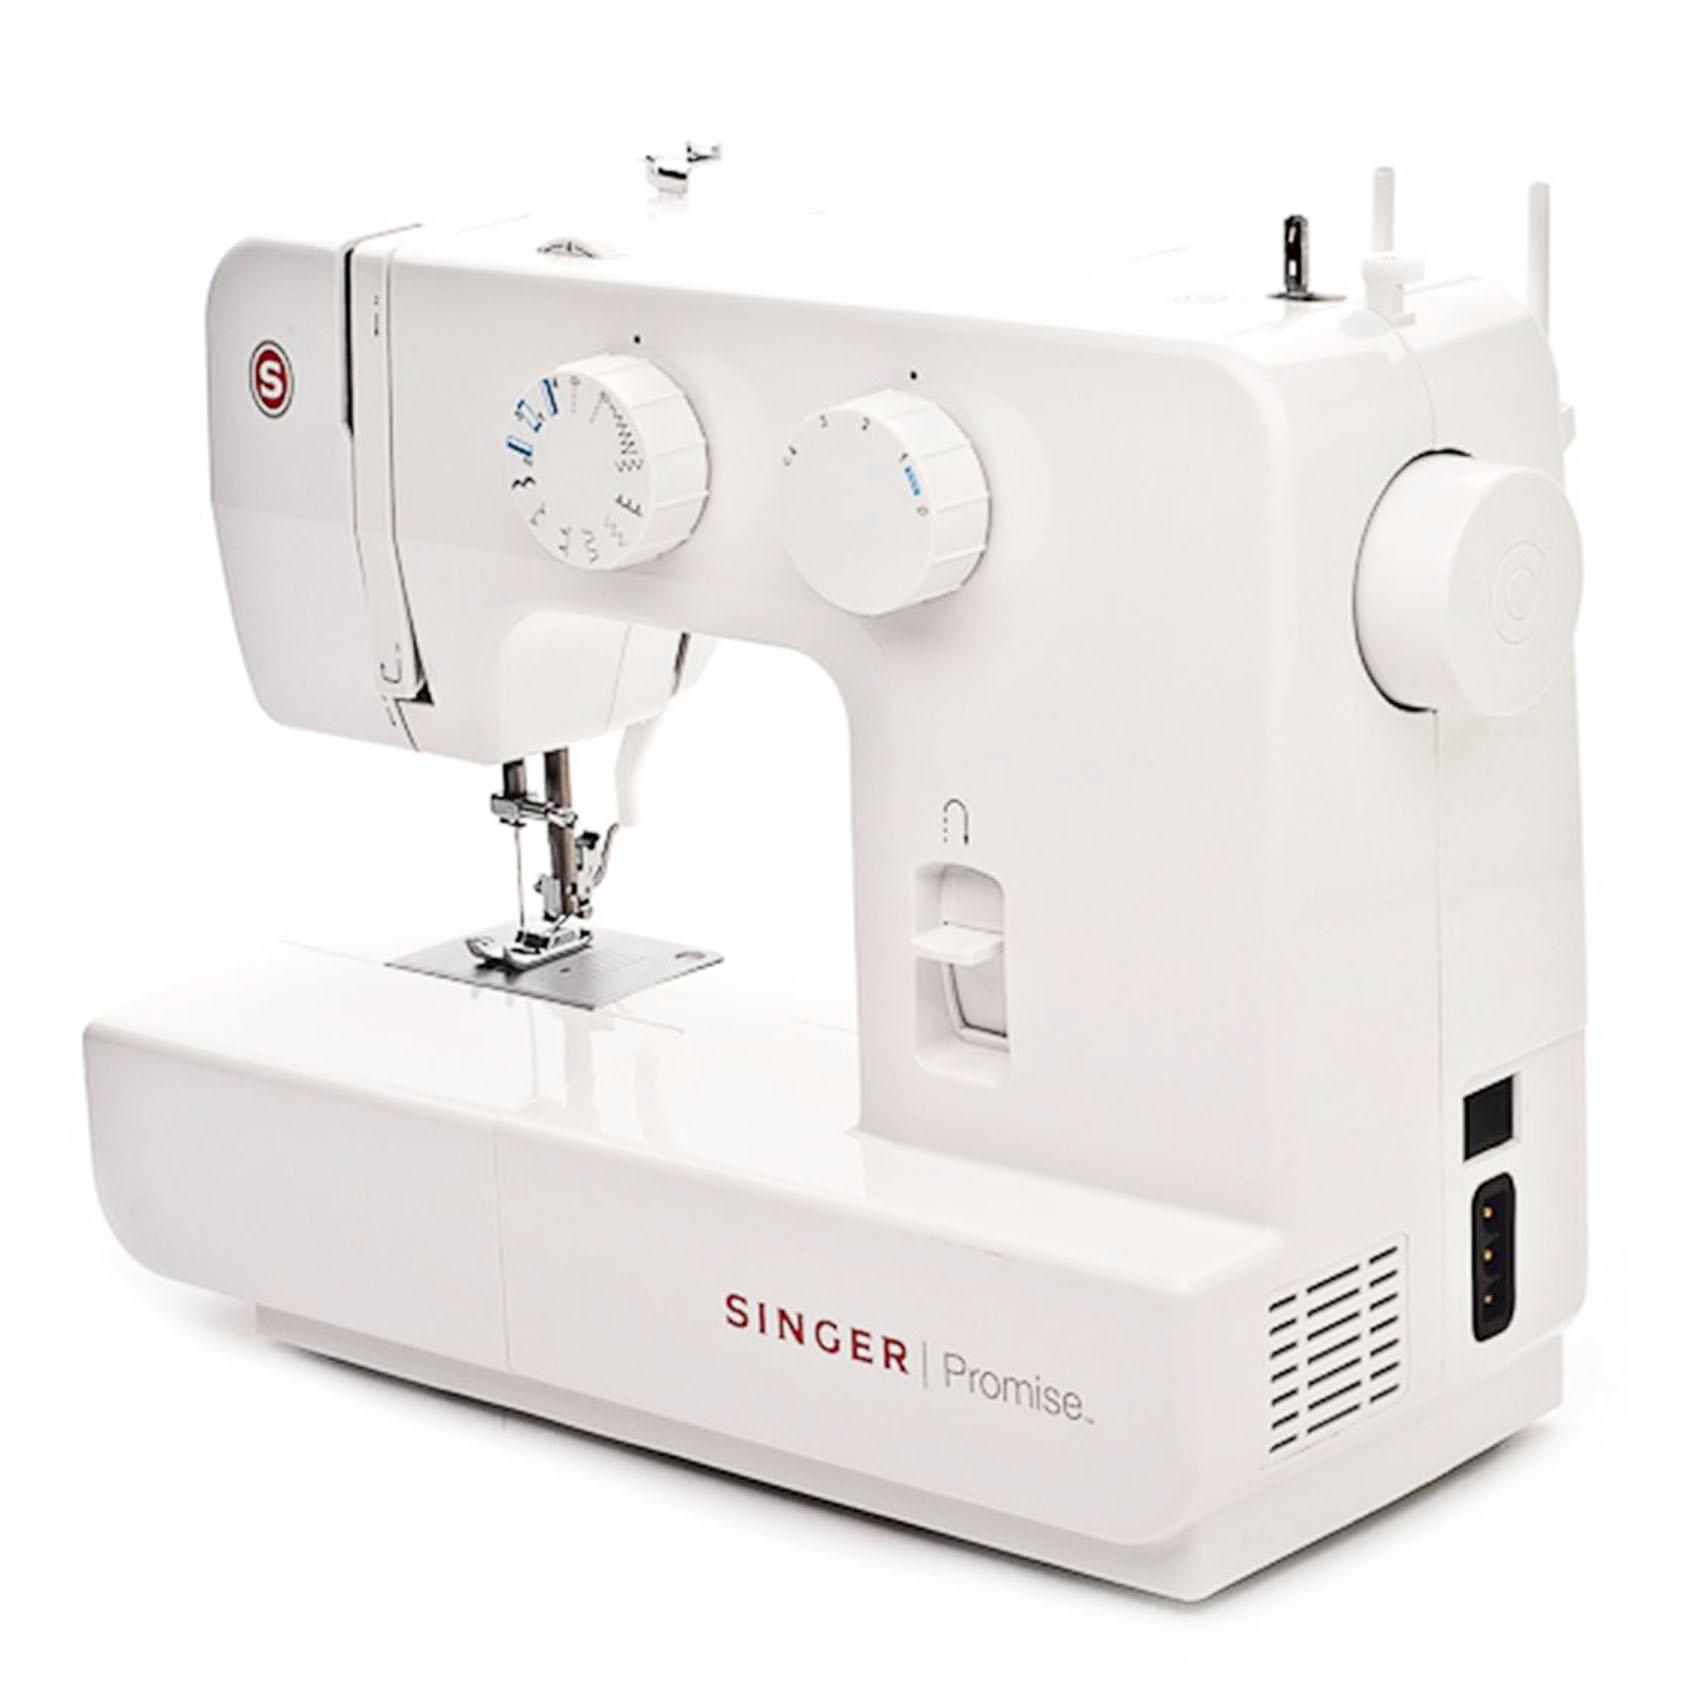 Buy Singer Sewing Machine 1409 Online in UAE - Carrefour UAE